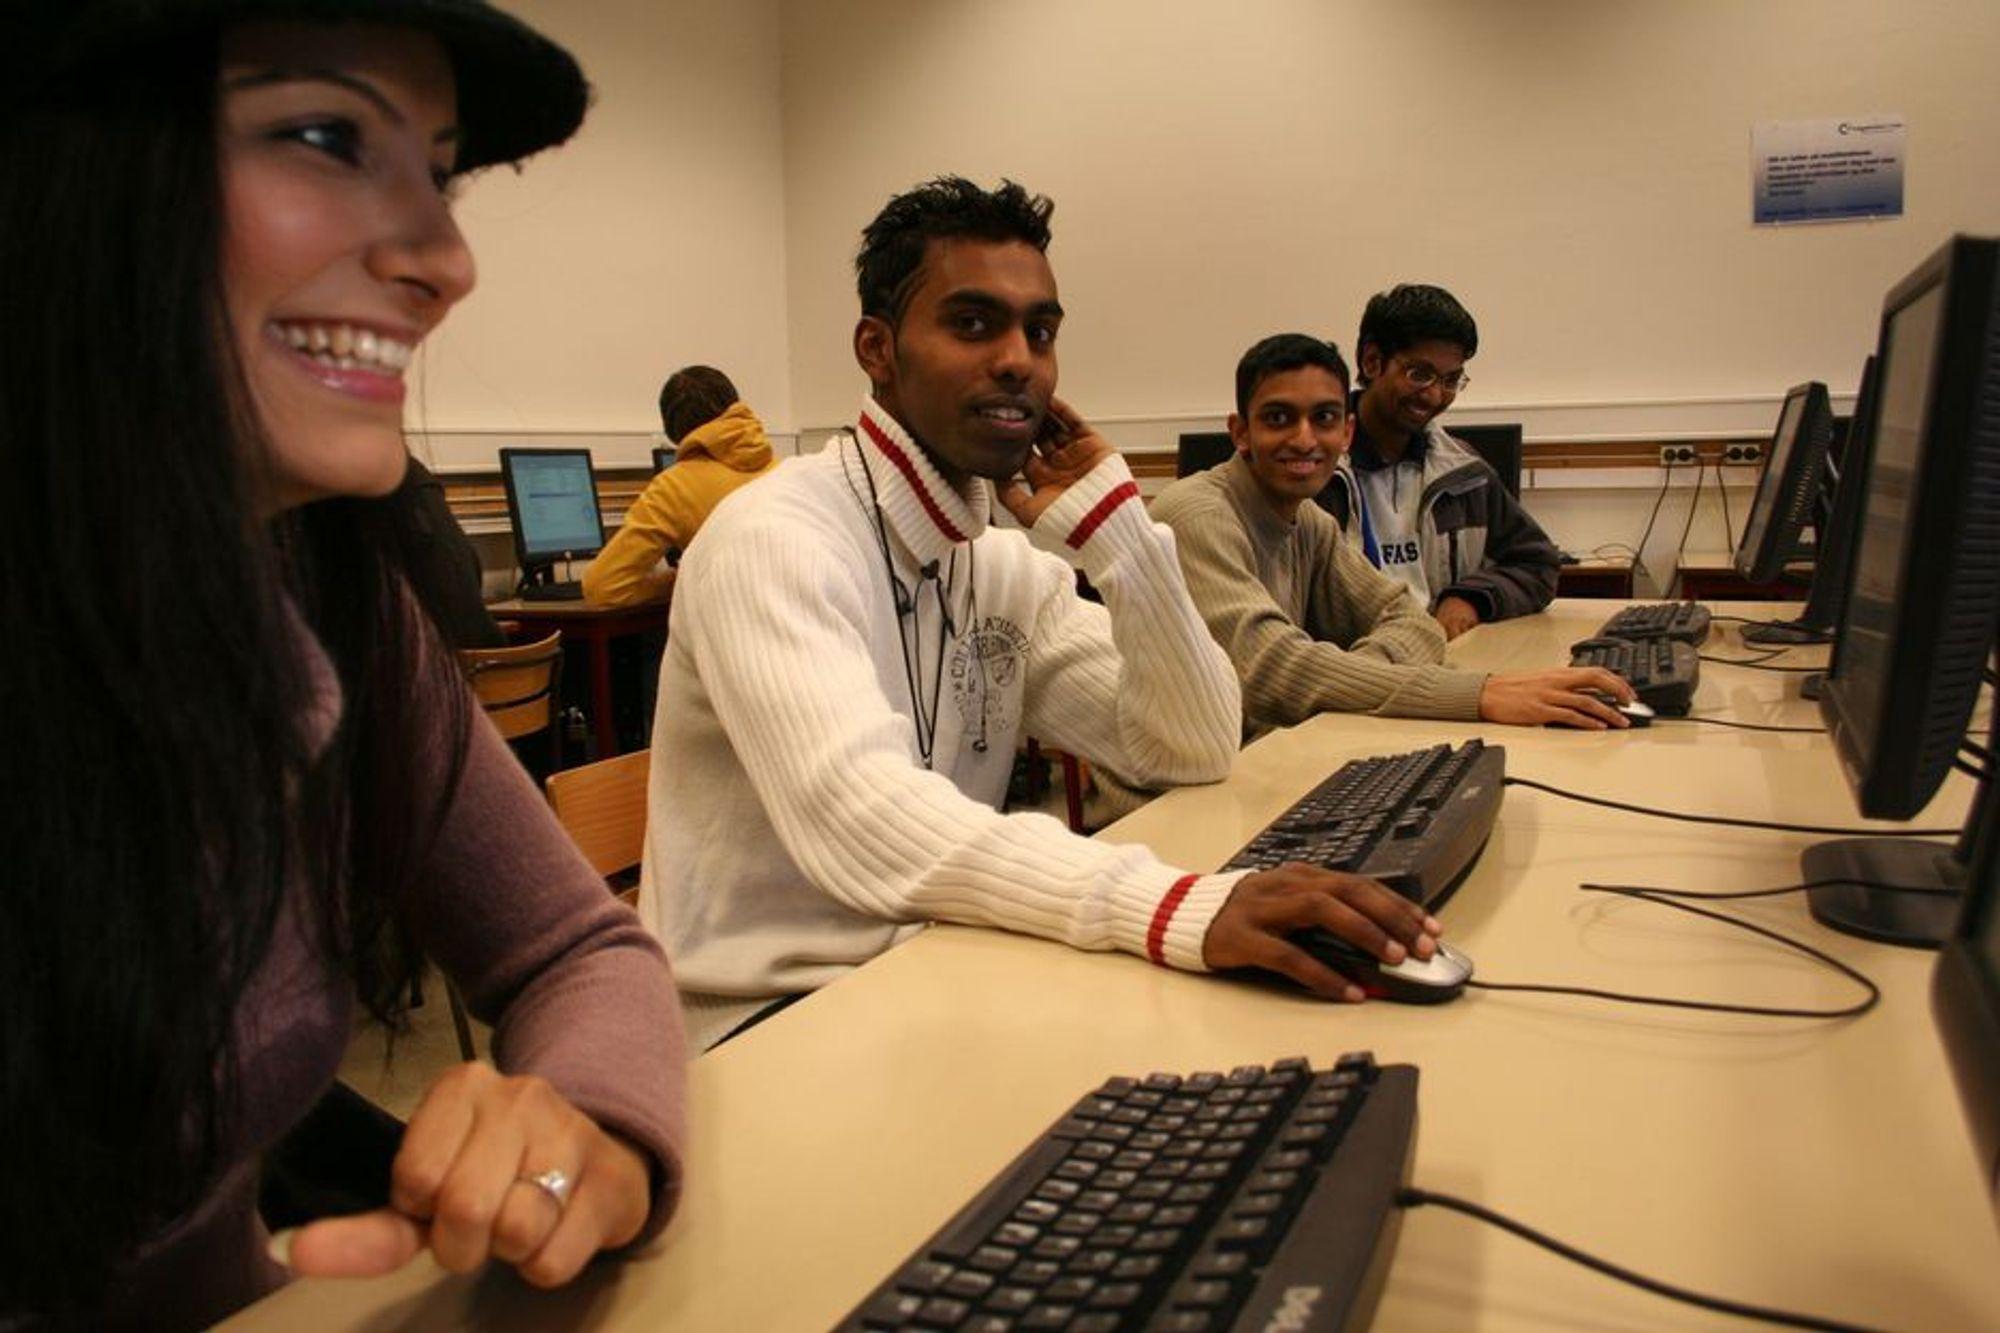 Det skal bli lettere for disse ingeniørstudentene å komme ut i arbeidslivet etter eksamen. Arooj Ahmed, Vimel Vijayarajah, Neethiwarman Rasalingam og S. Pragas studerer data ved ingeniørstudiet dev Høgskolen i Oslo.